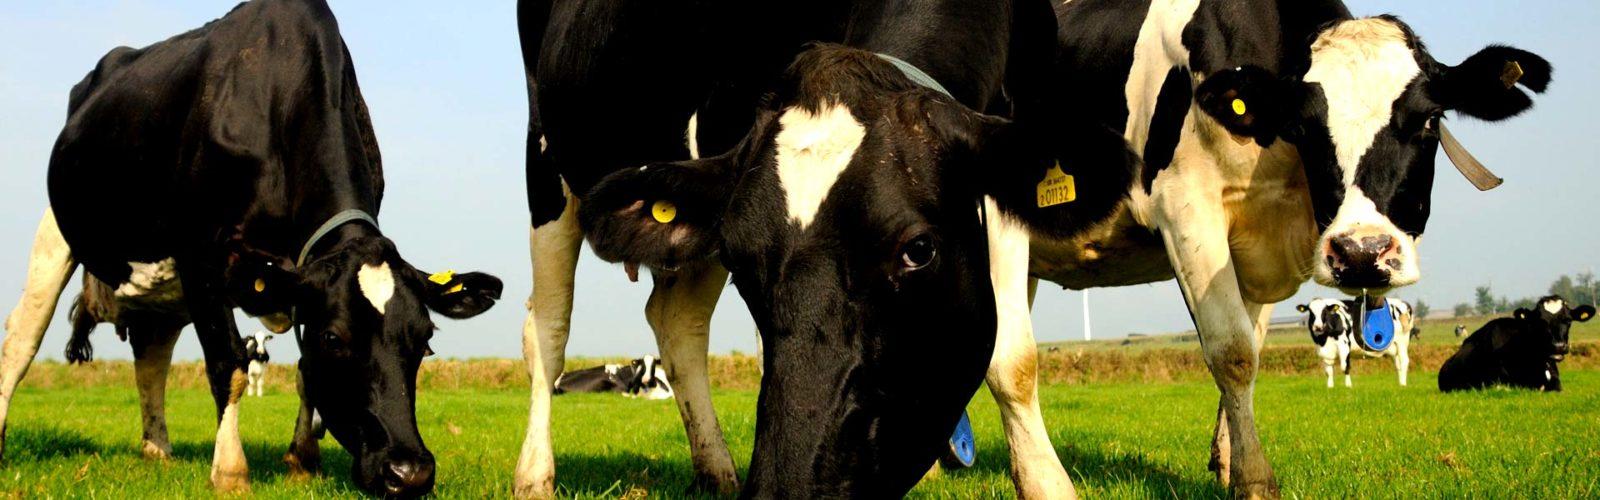 Molecare Farm Dairy Vets